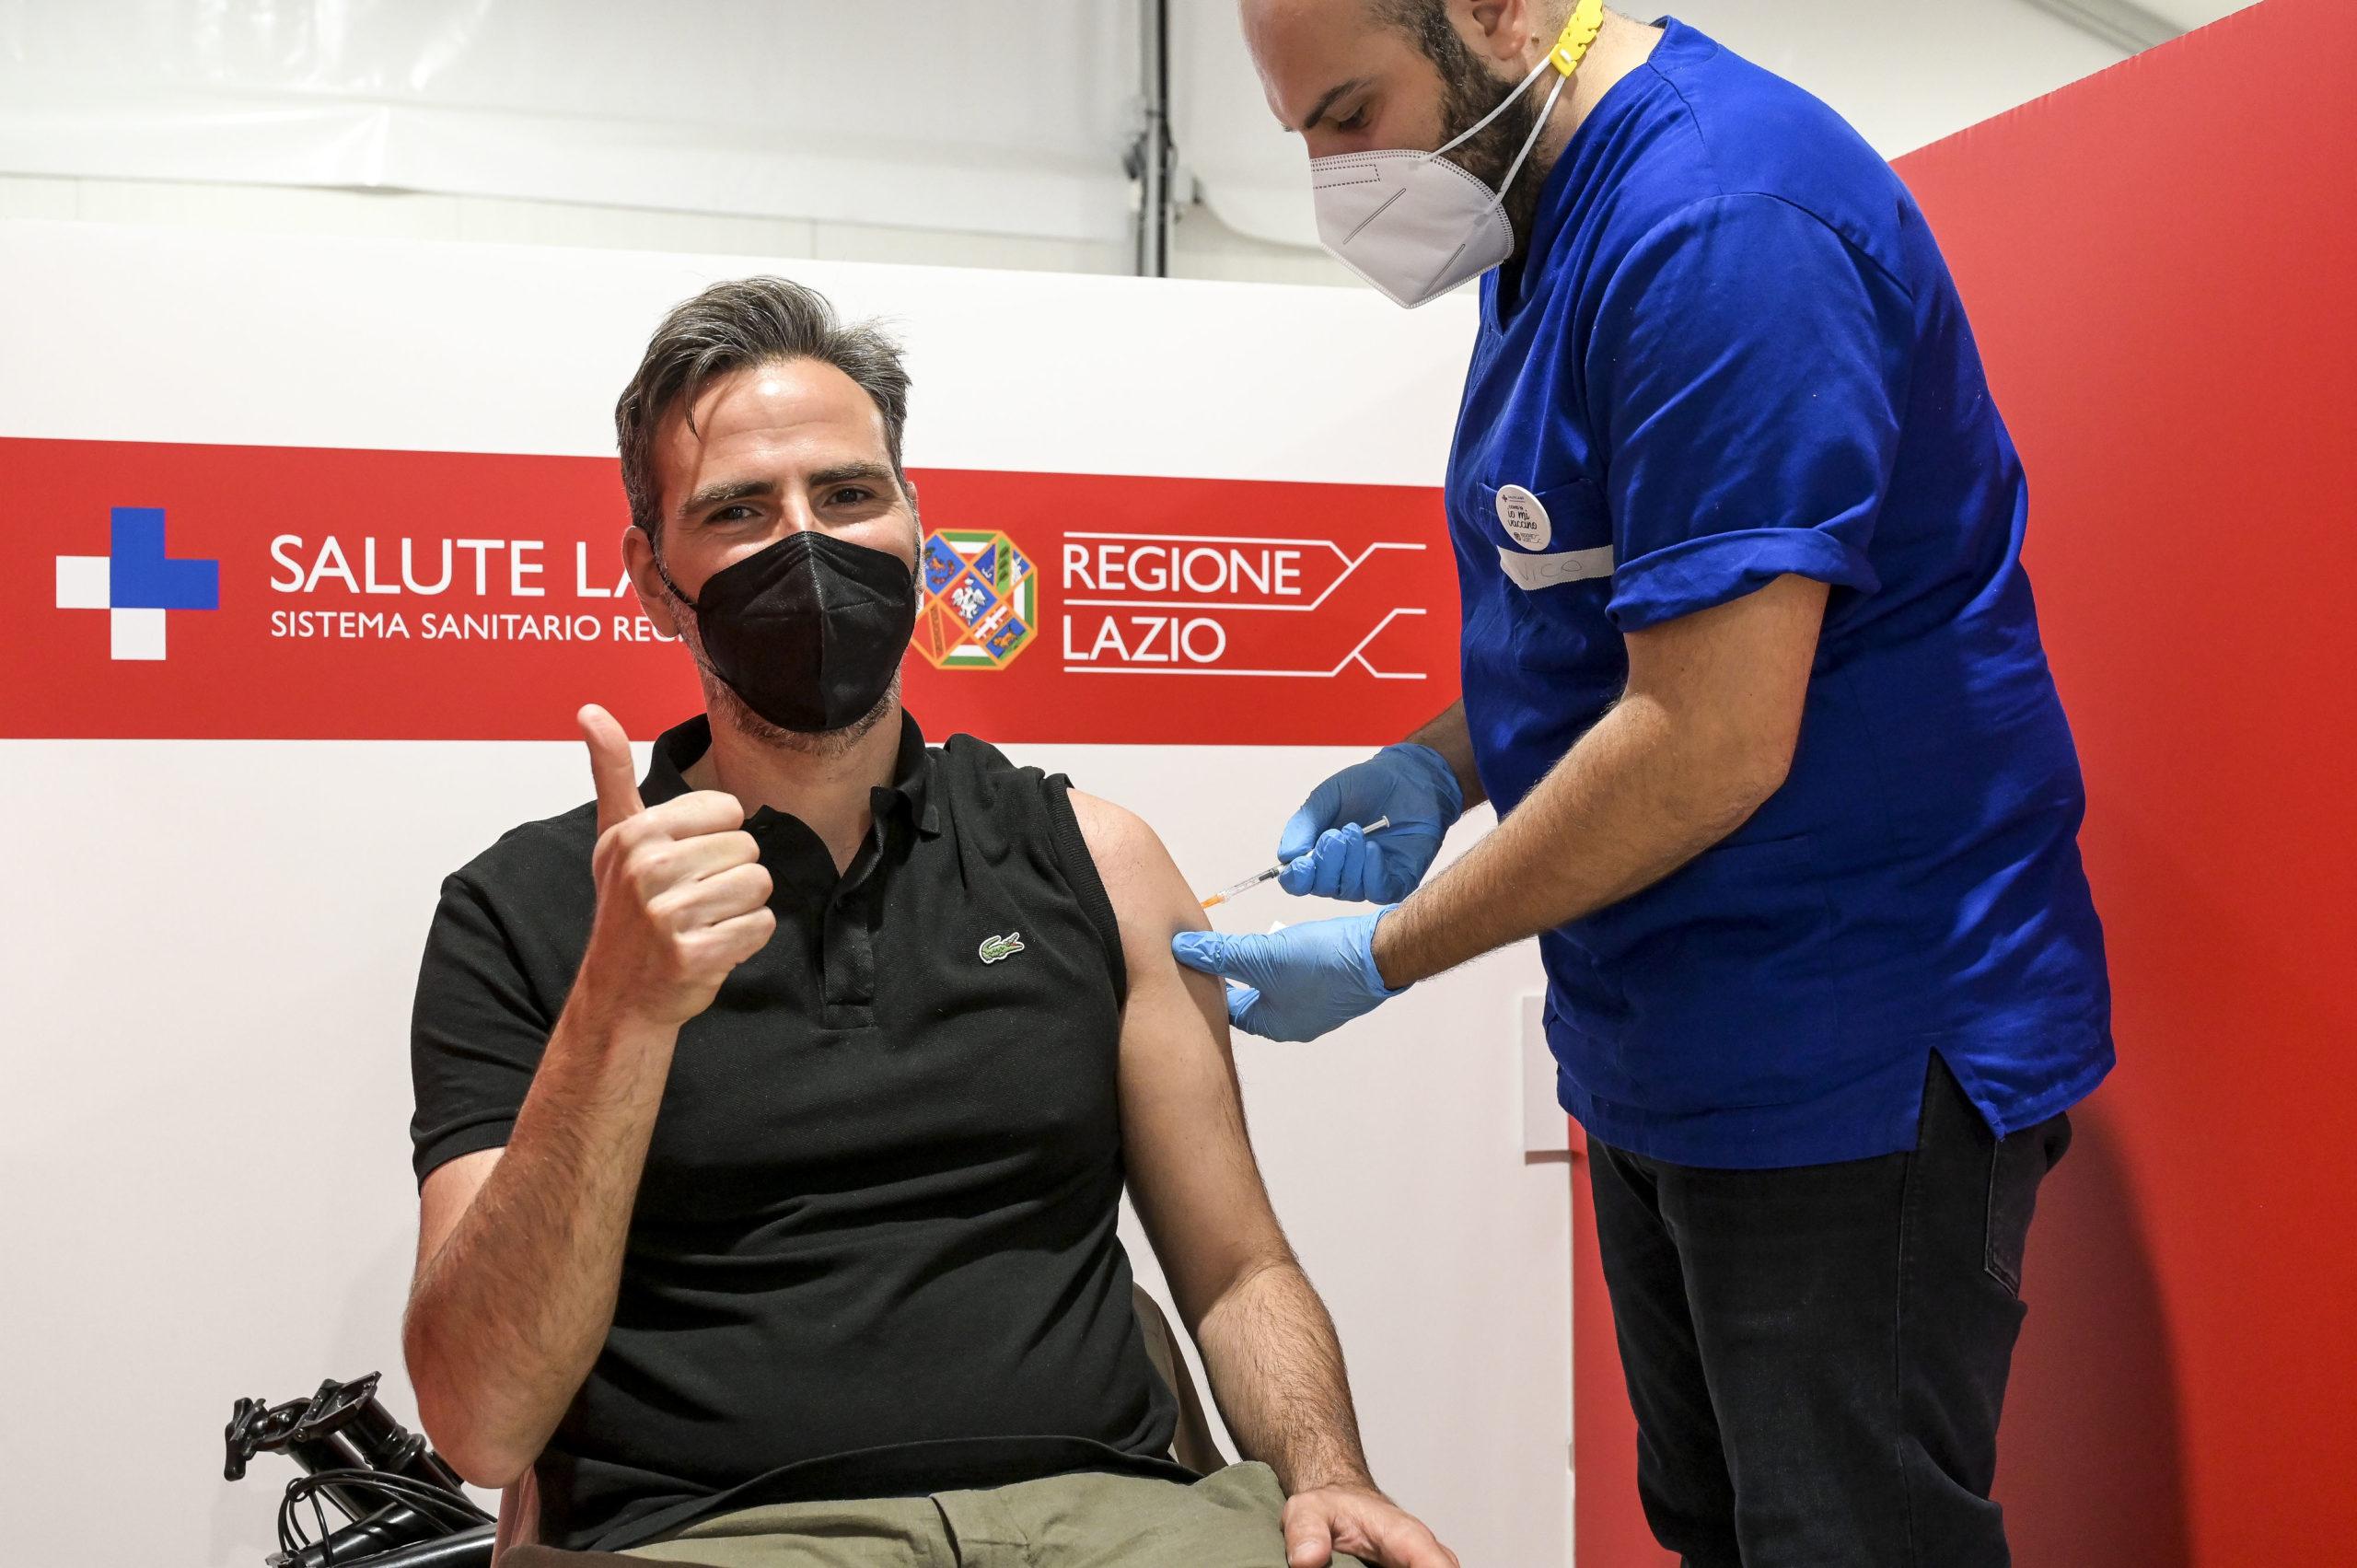 vaccino_coronavirus_imago